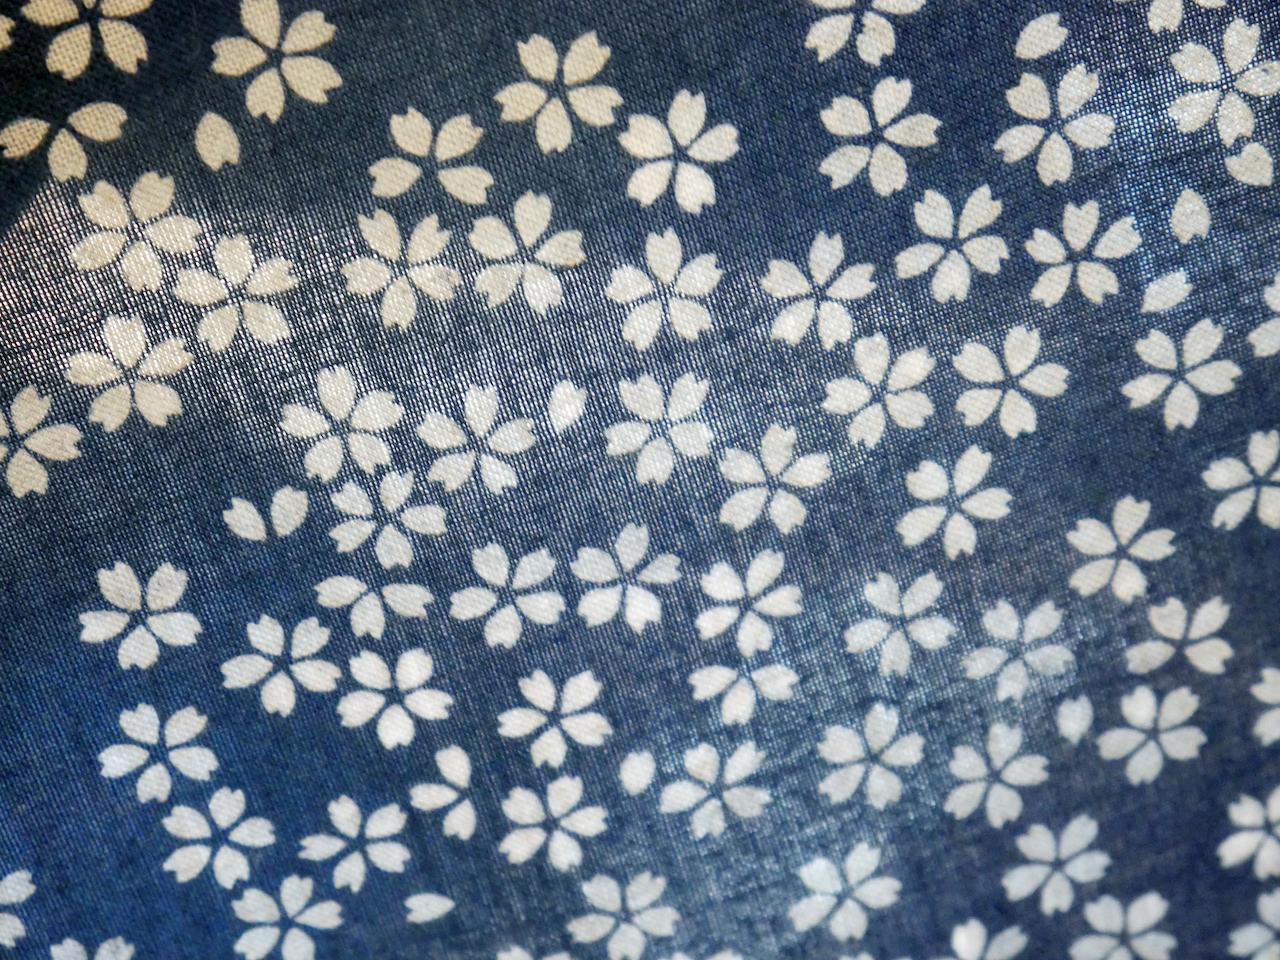 人宿藍染工房の藍染ワークショップでは型紙を使った染めにも挑戦していただけます